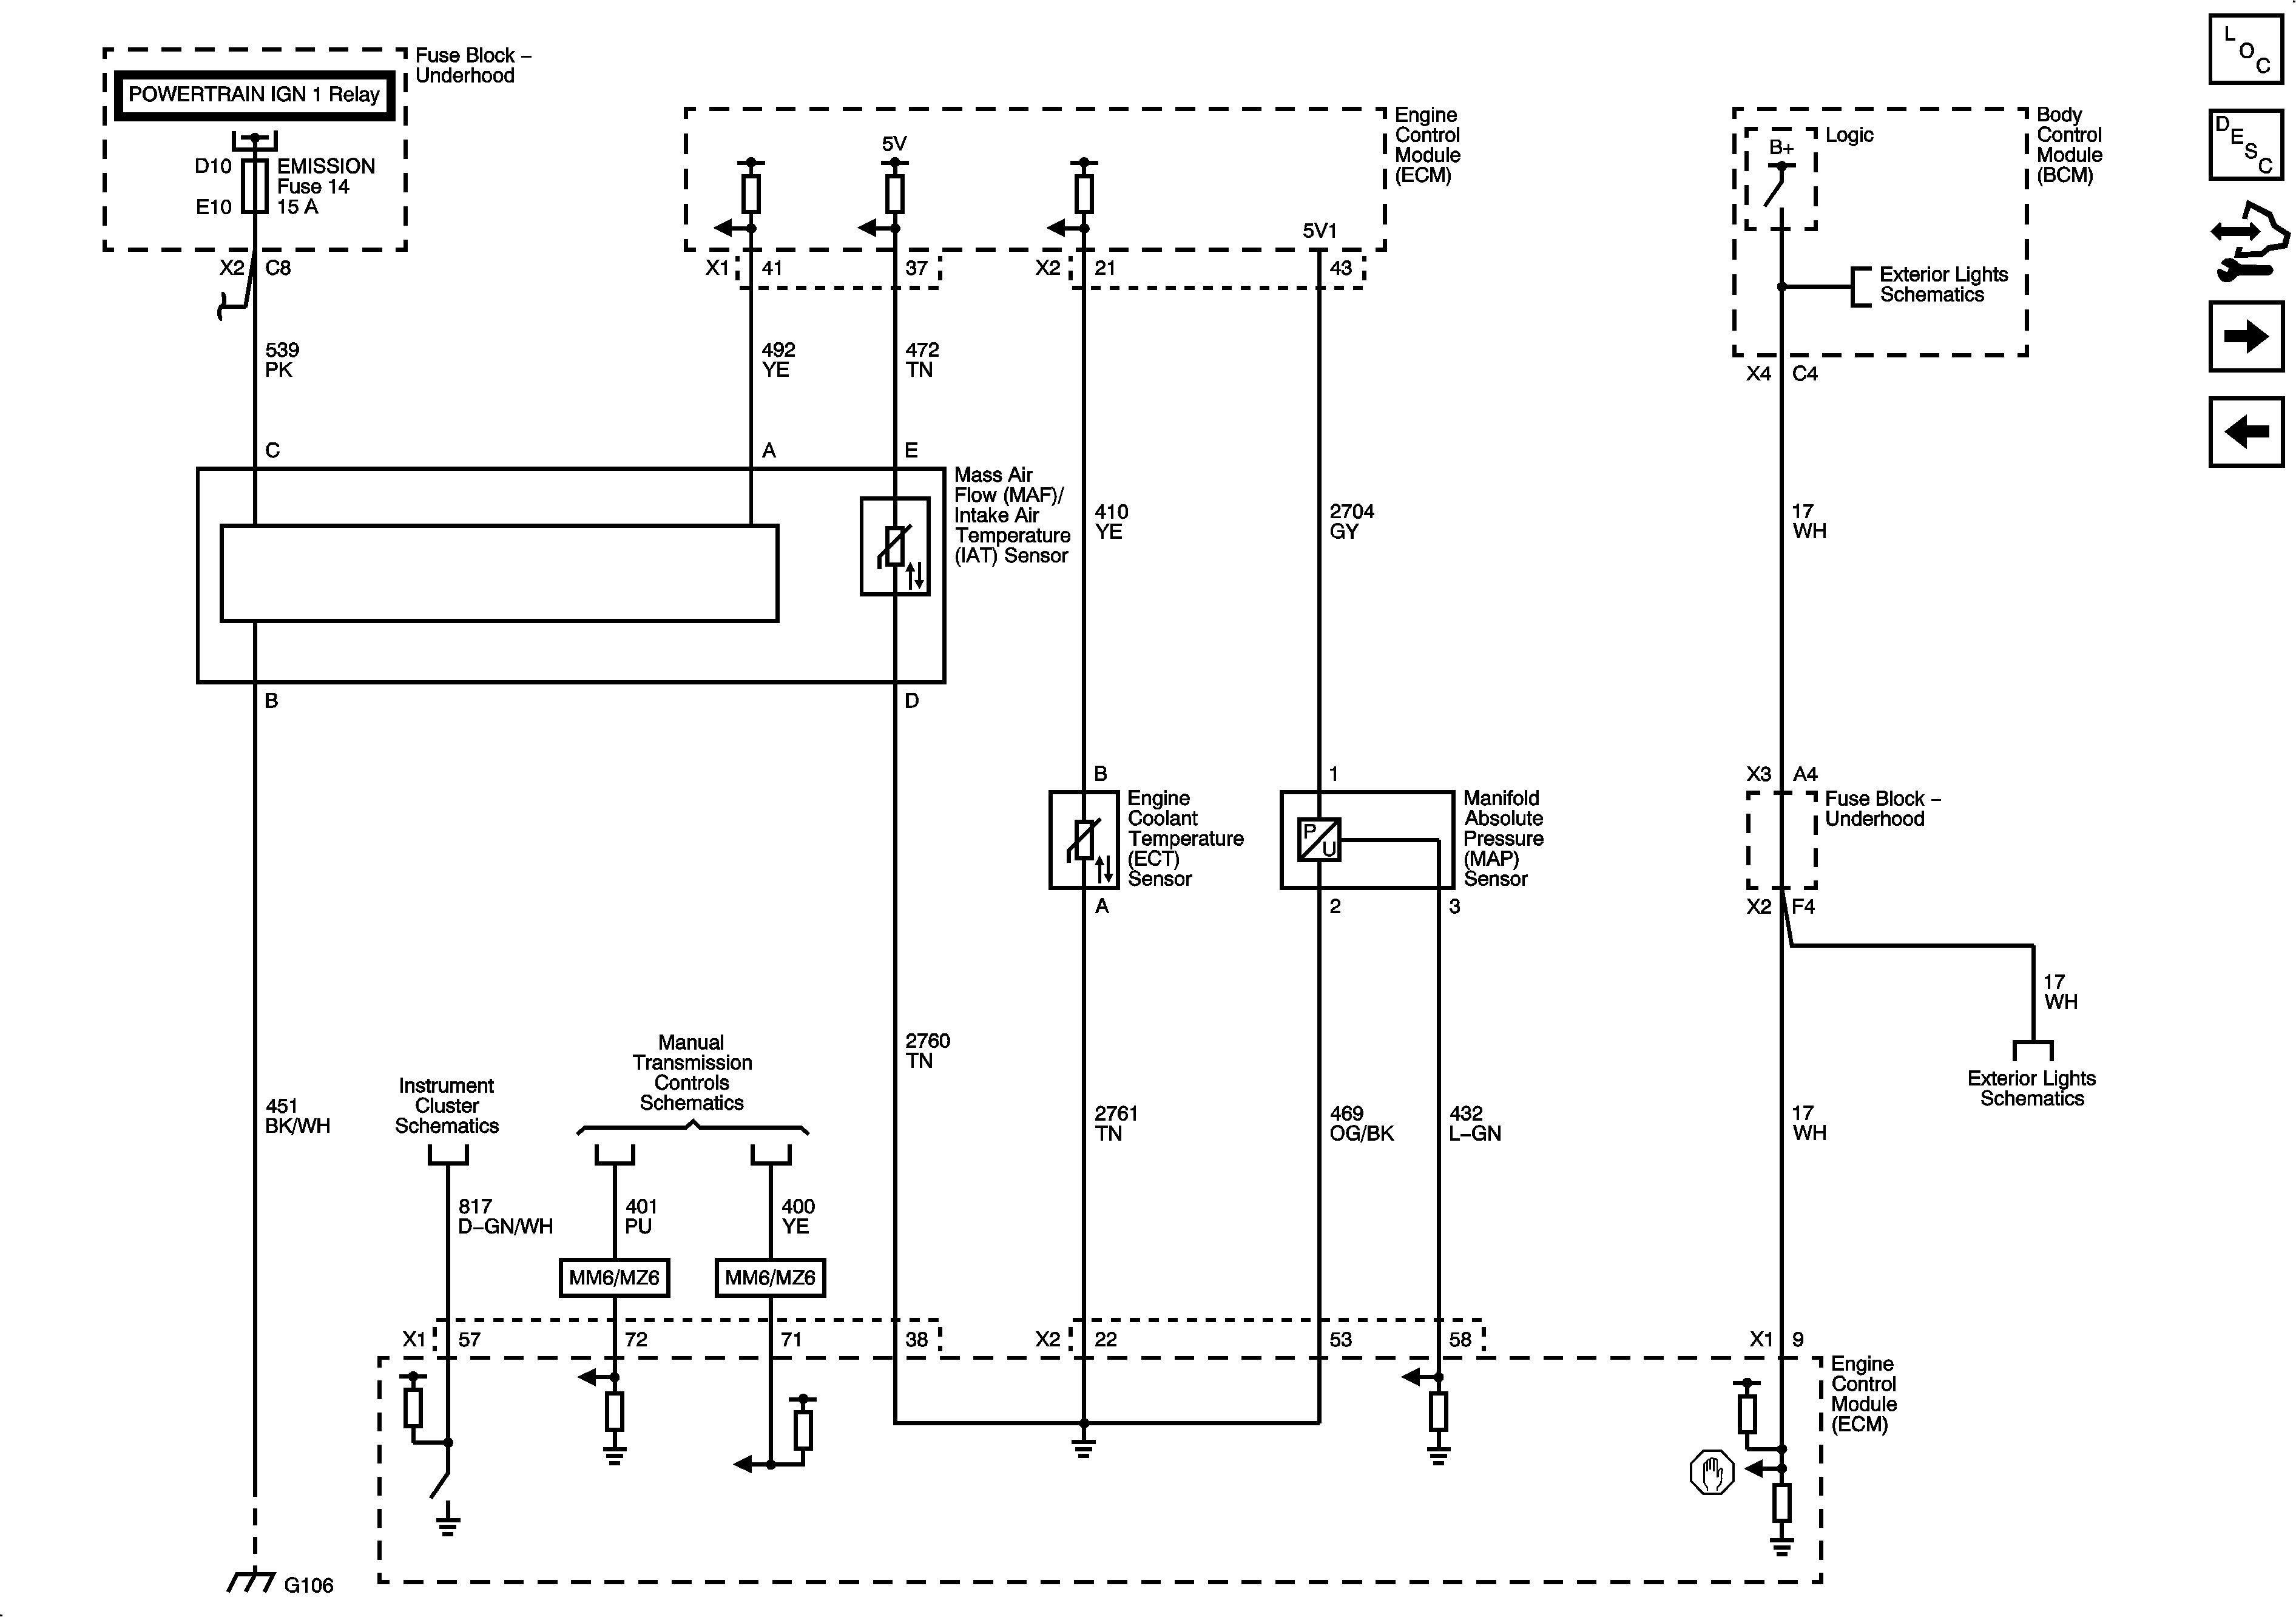 22 stunning free vehicle wiring diagrams https bacamajalah com 22 [ 3784 x 2665 Pixel ]